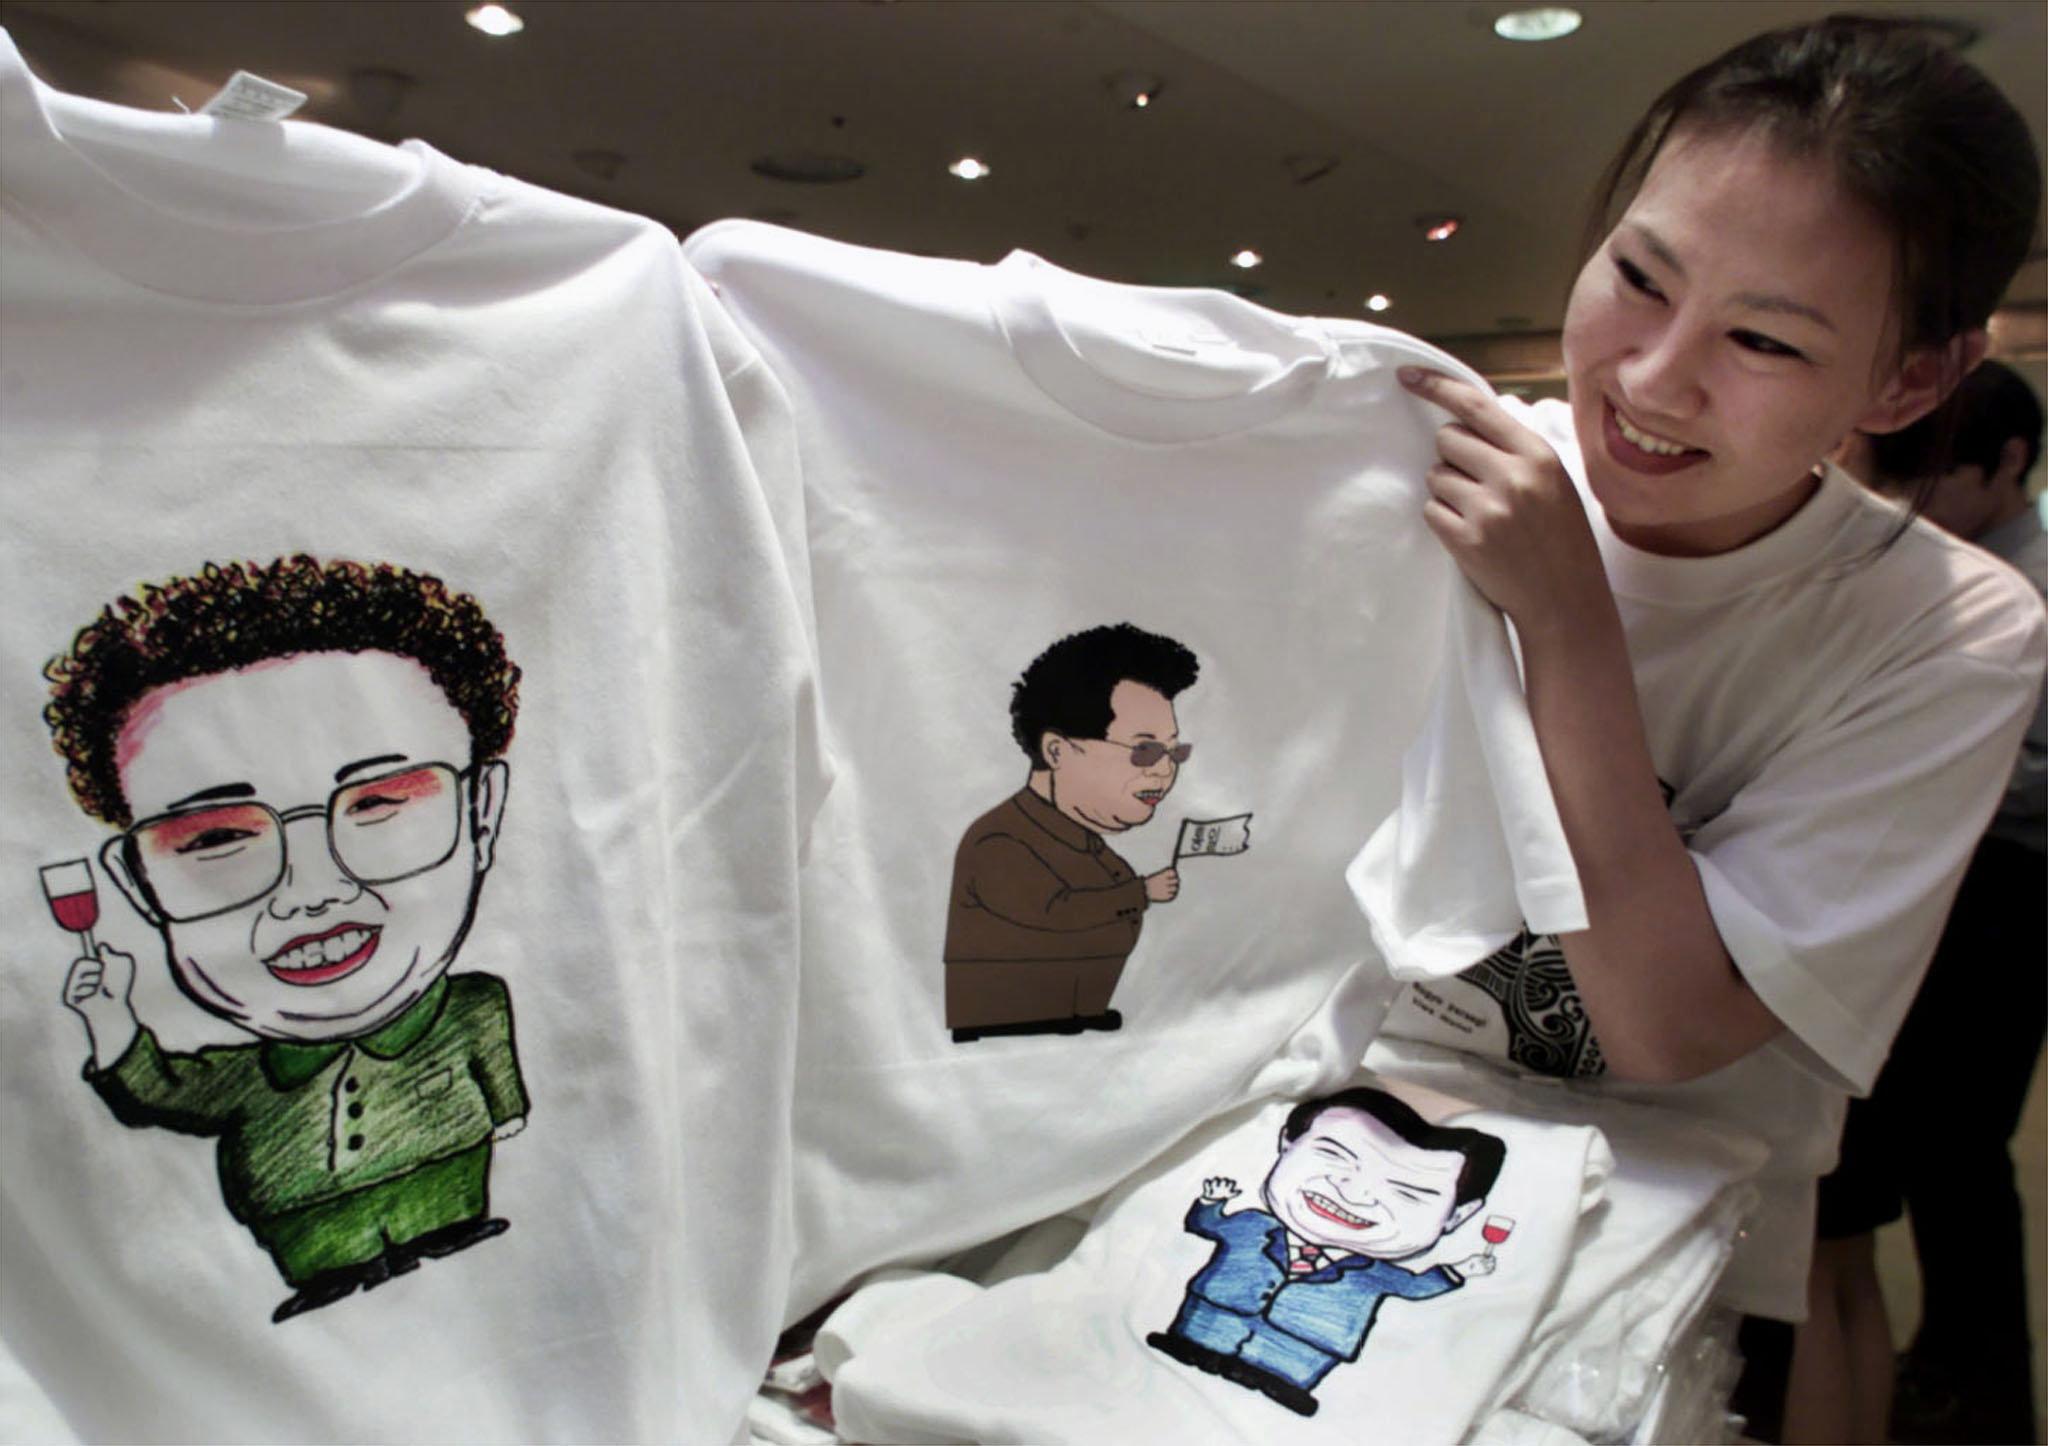 남북정상회담 이후, 김정일 국방위원장의 얼굴이 그려진 티셔츠가